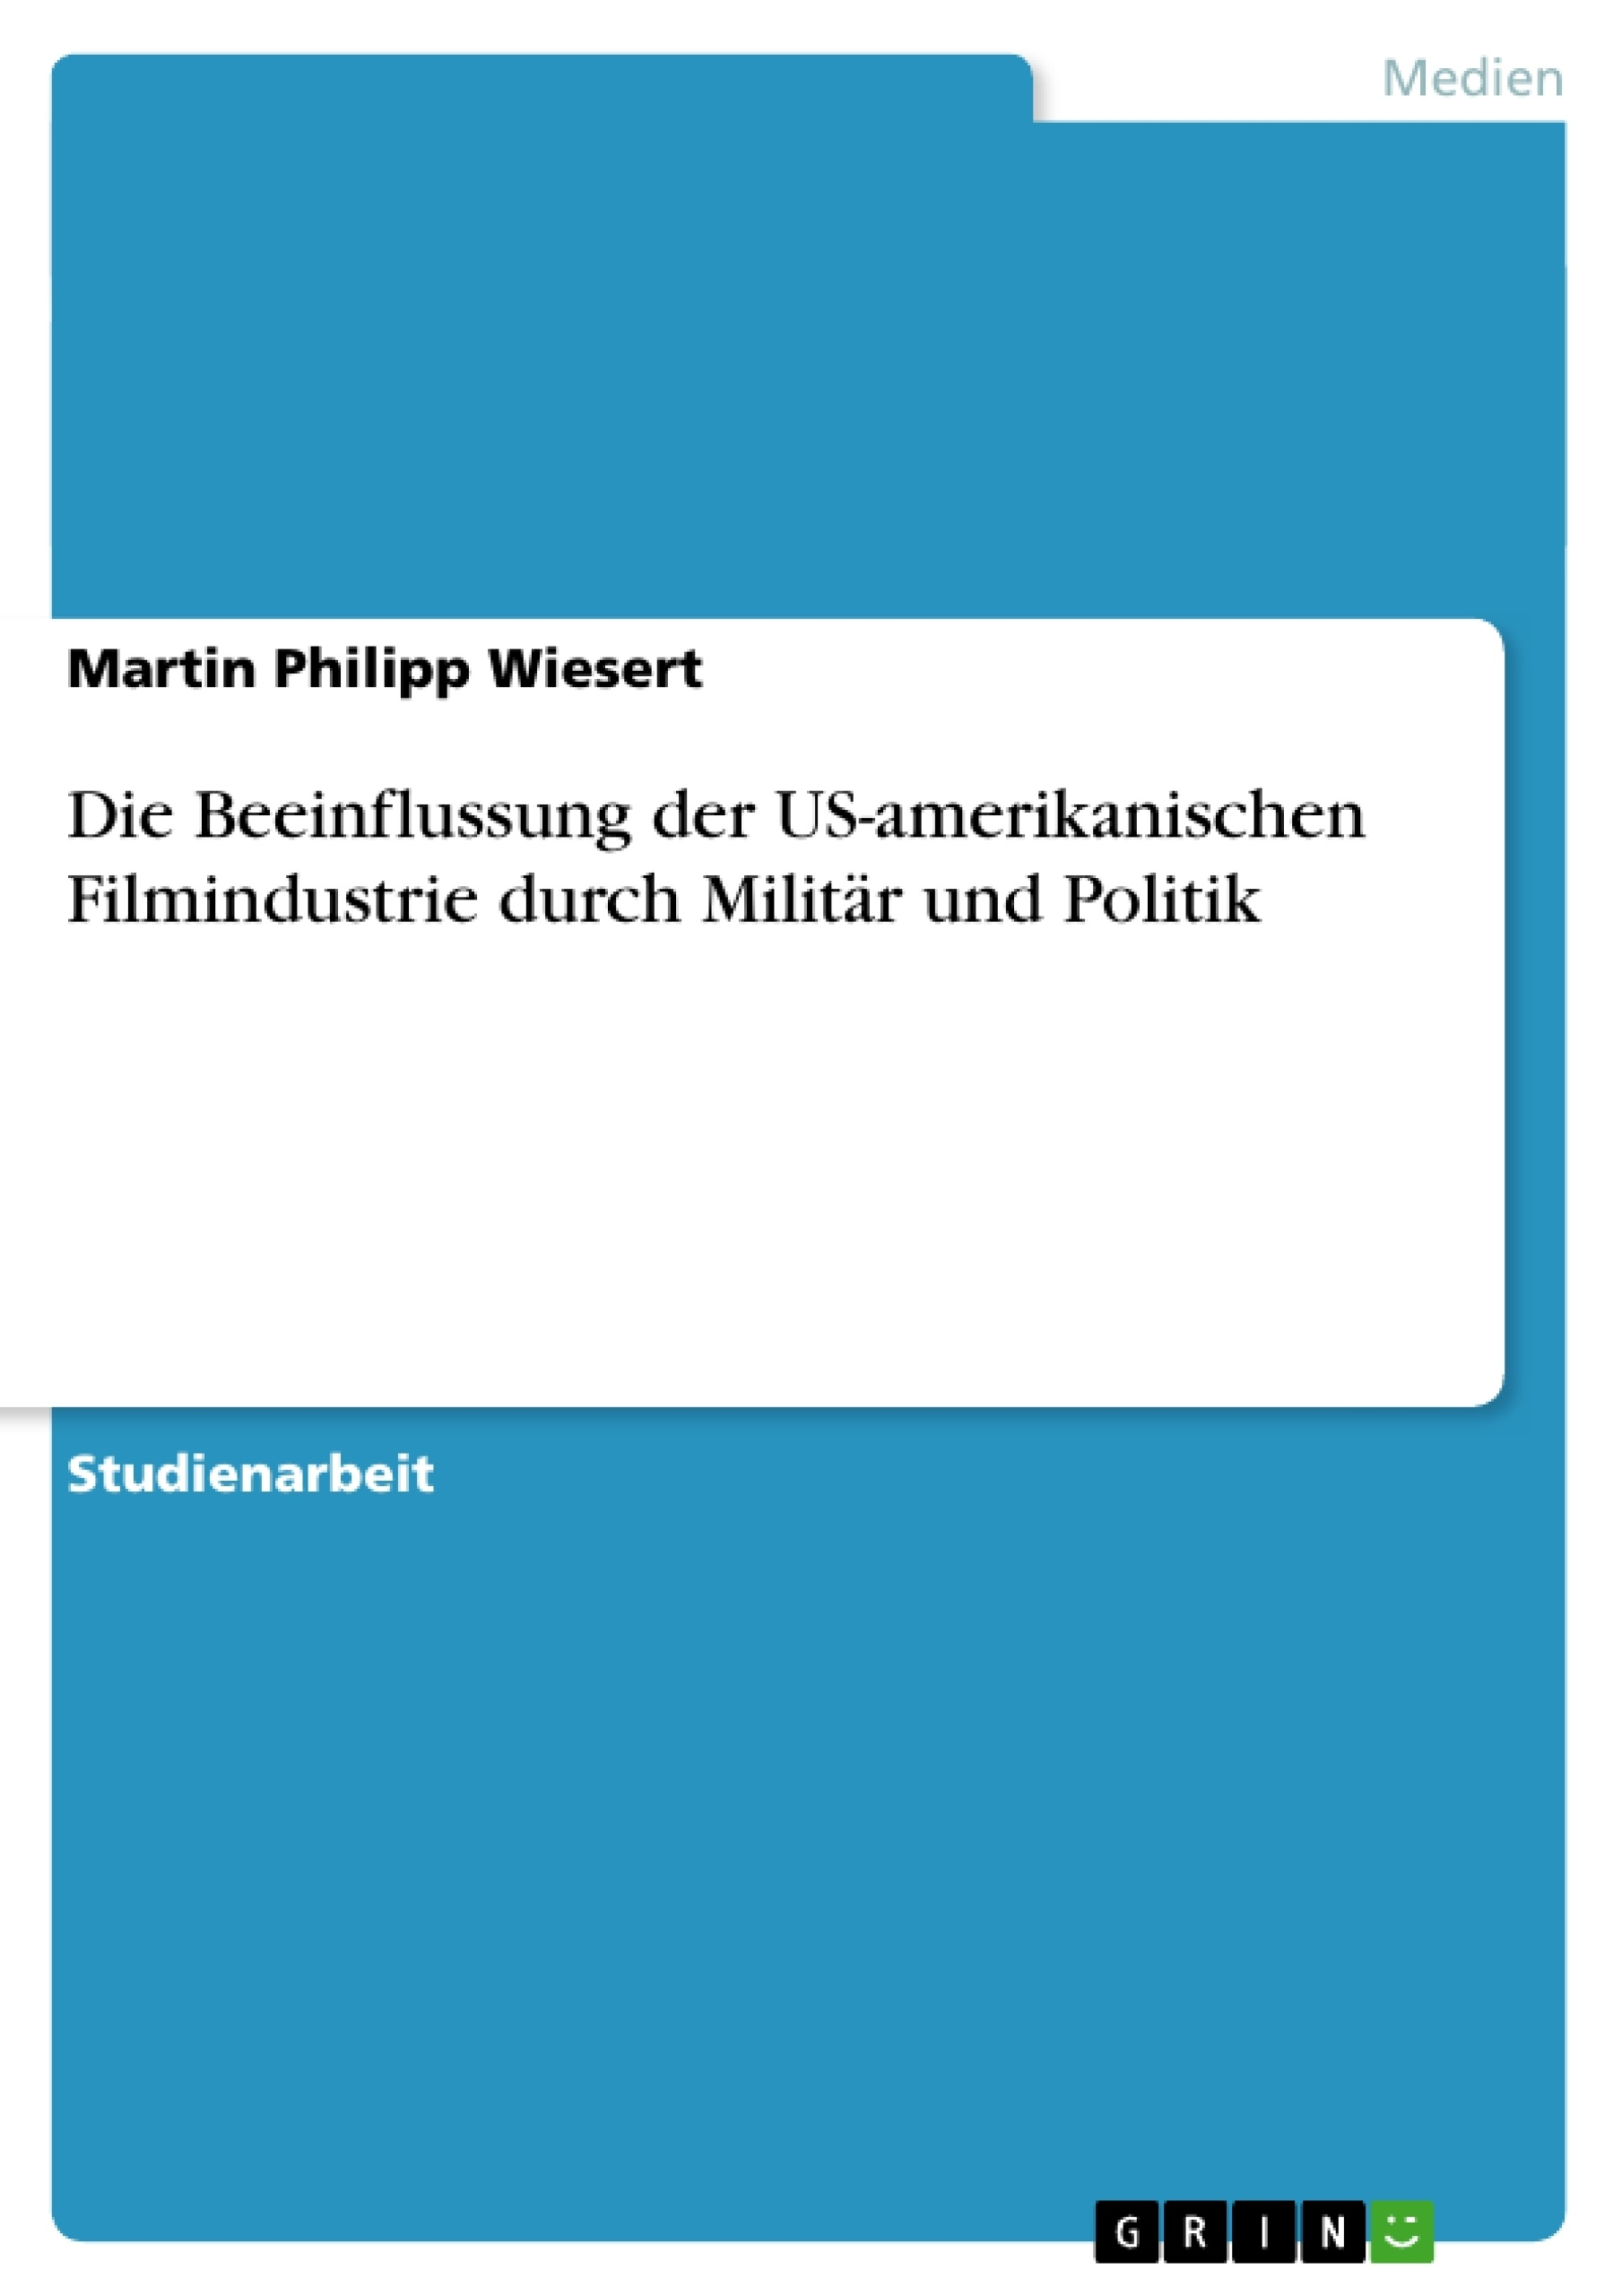 Titel: Die Beeinflussung der US-amerikanischen Filmindustrie durch Militär und Politik